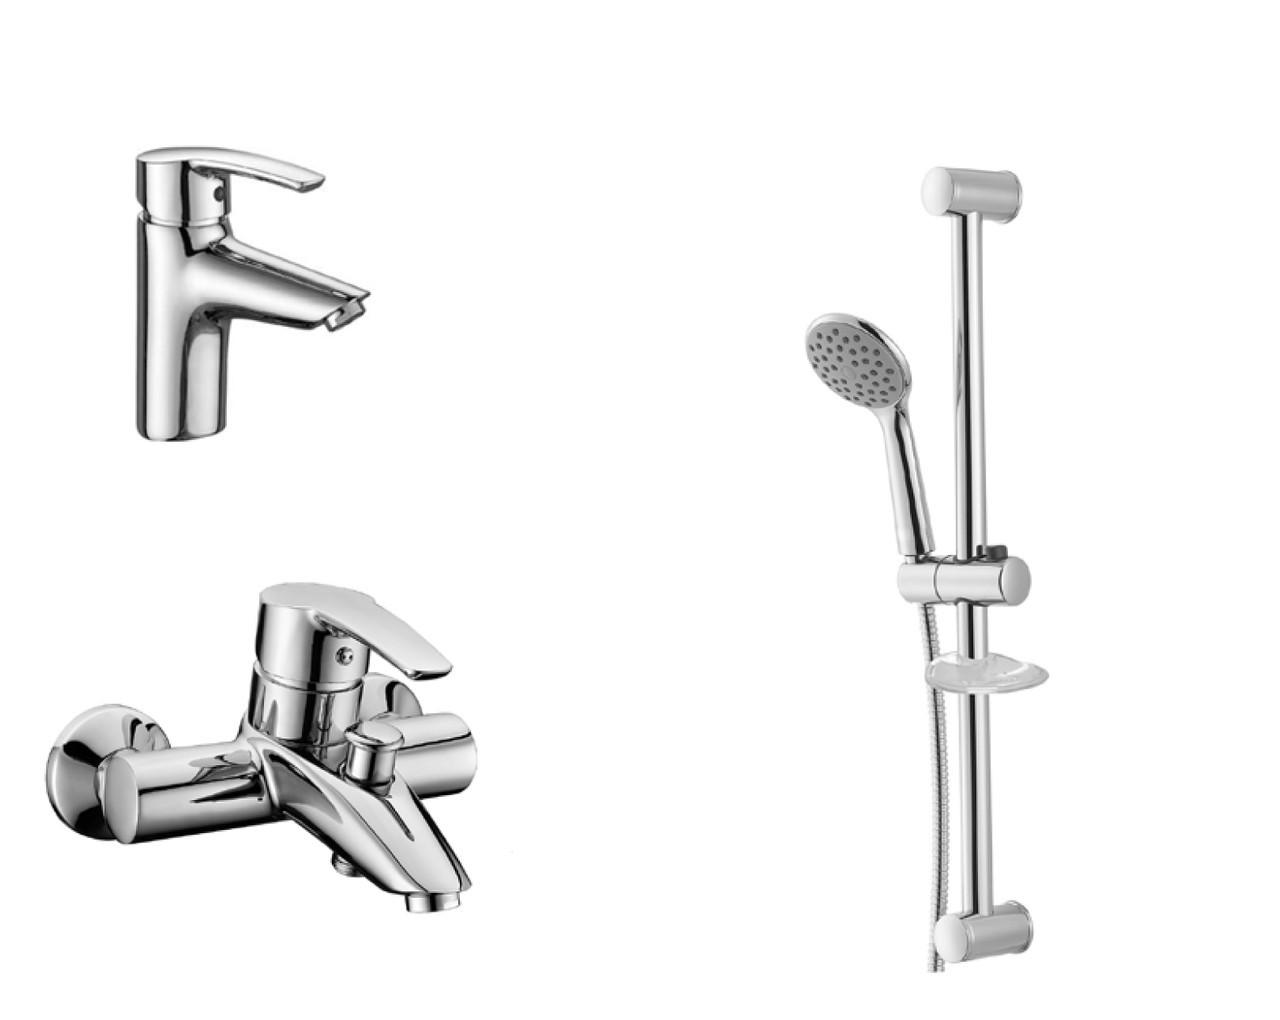 Набор смесителей для ванны 3 в 1 Imprese Horak 0510170670 хром